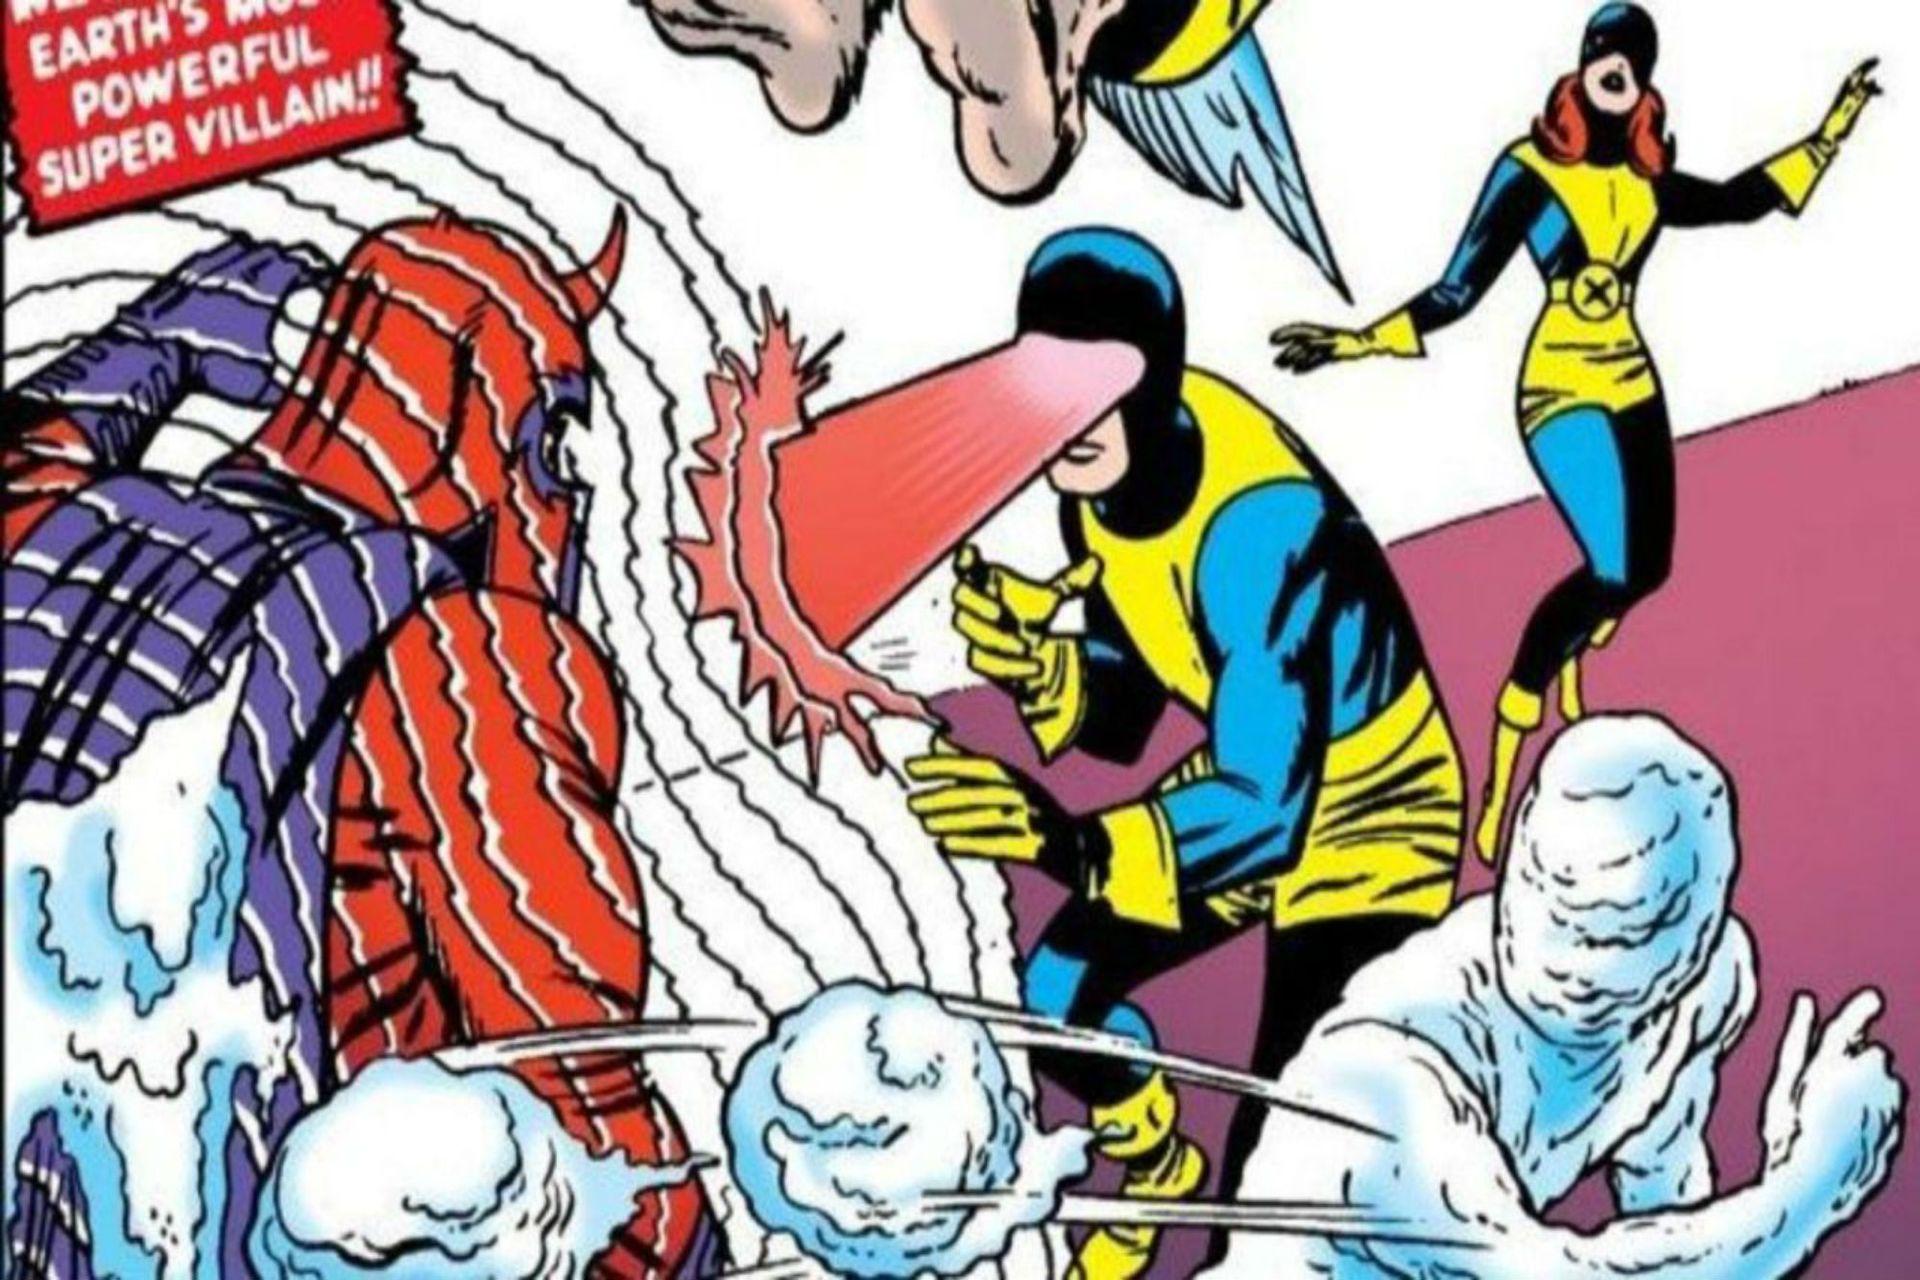 Los X Men fue un título mediocre que ganó en calidad recién en los setenta, con la llegada de Chris Claremont